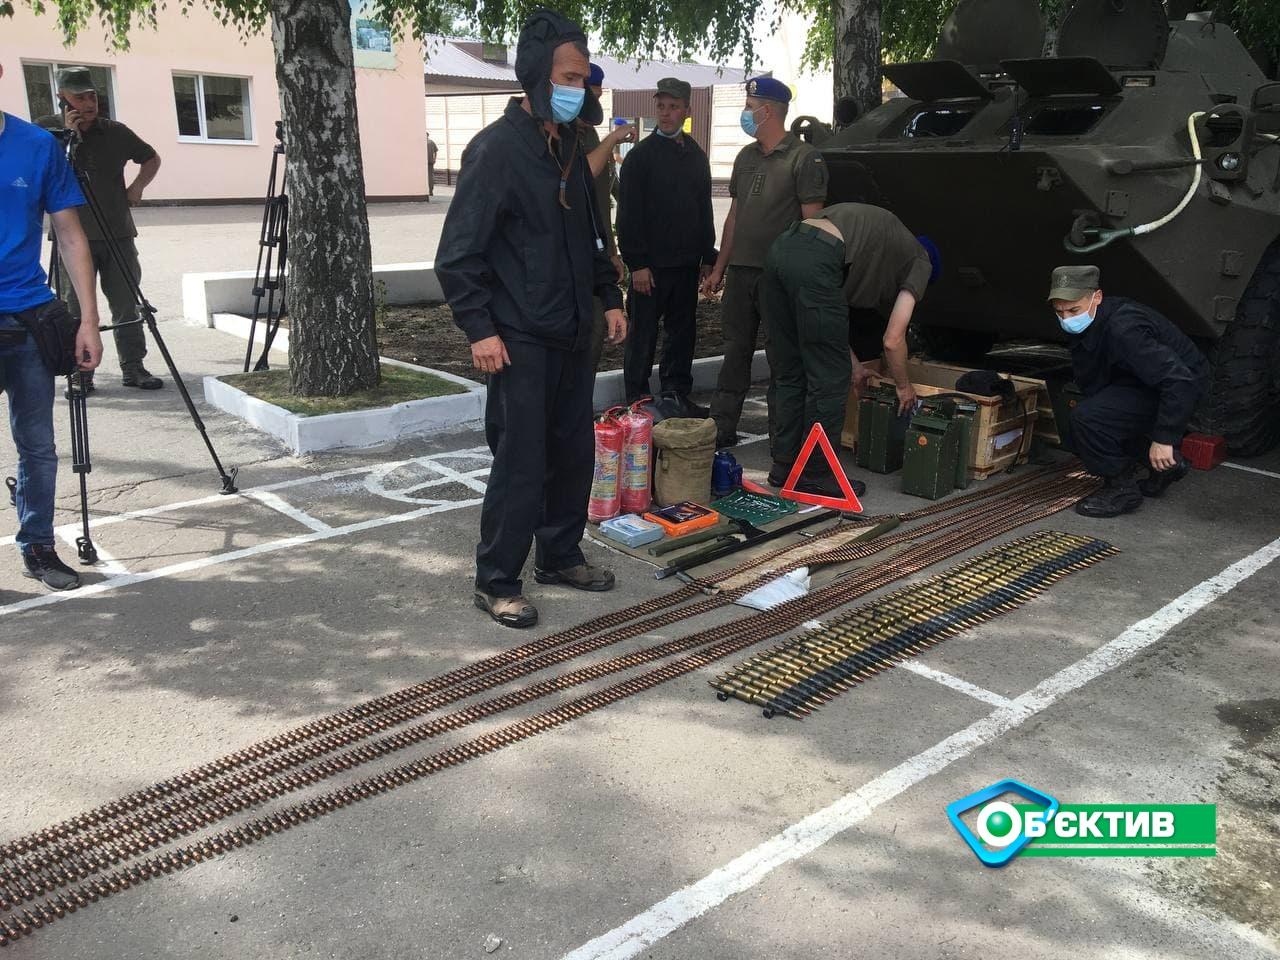 Техника Нацгвардии в Харькове проходит обязательный техосмотр